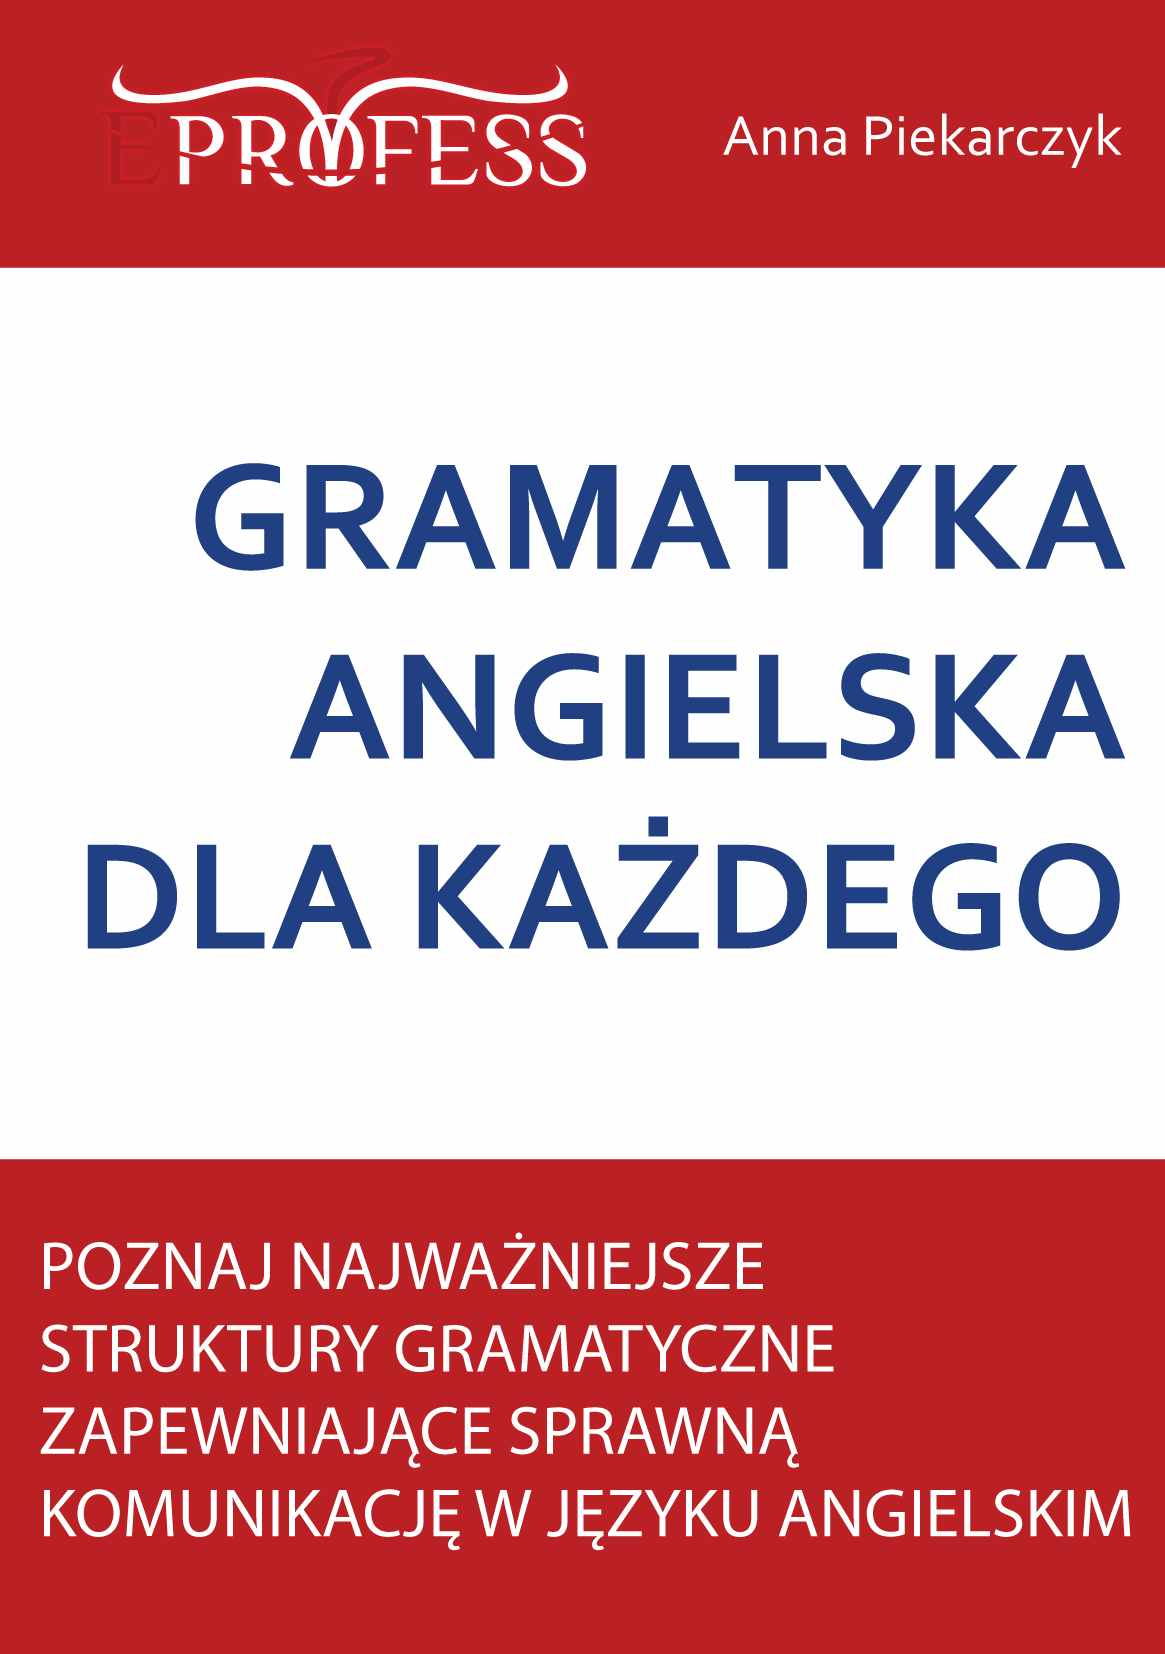 Gramatyka Angielska Dla Każdego - Ebook (Książka EPUB) do pobrania w formacie EPUB